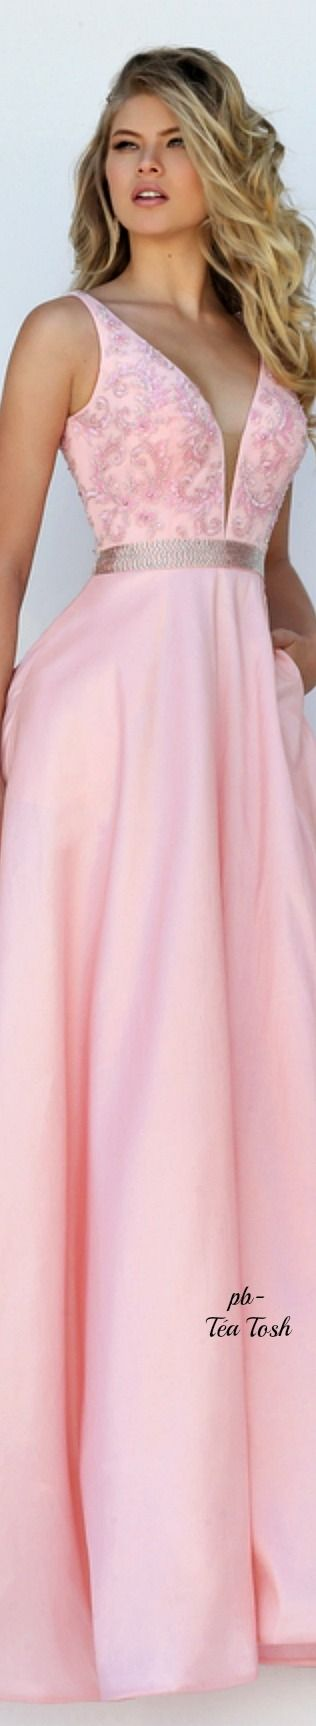 Mejores 20 imágenes de vestido Alle en Pinterest | Damitas de honor ...